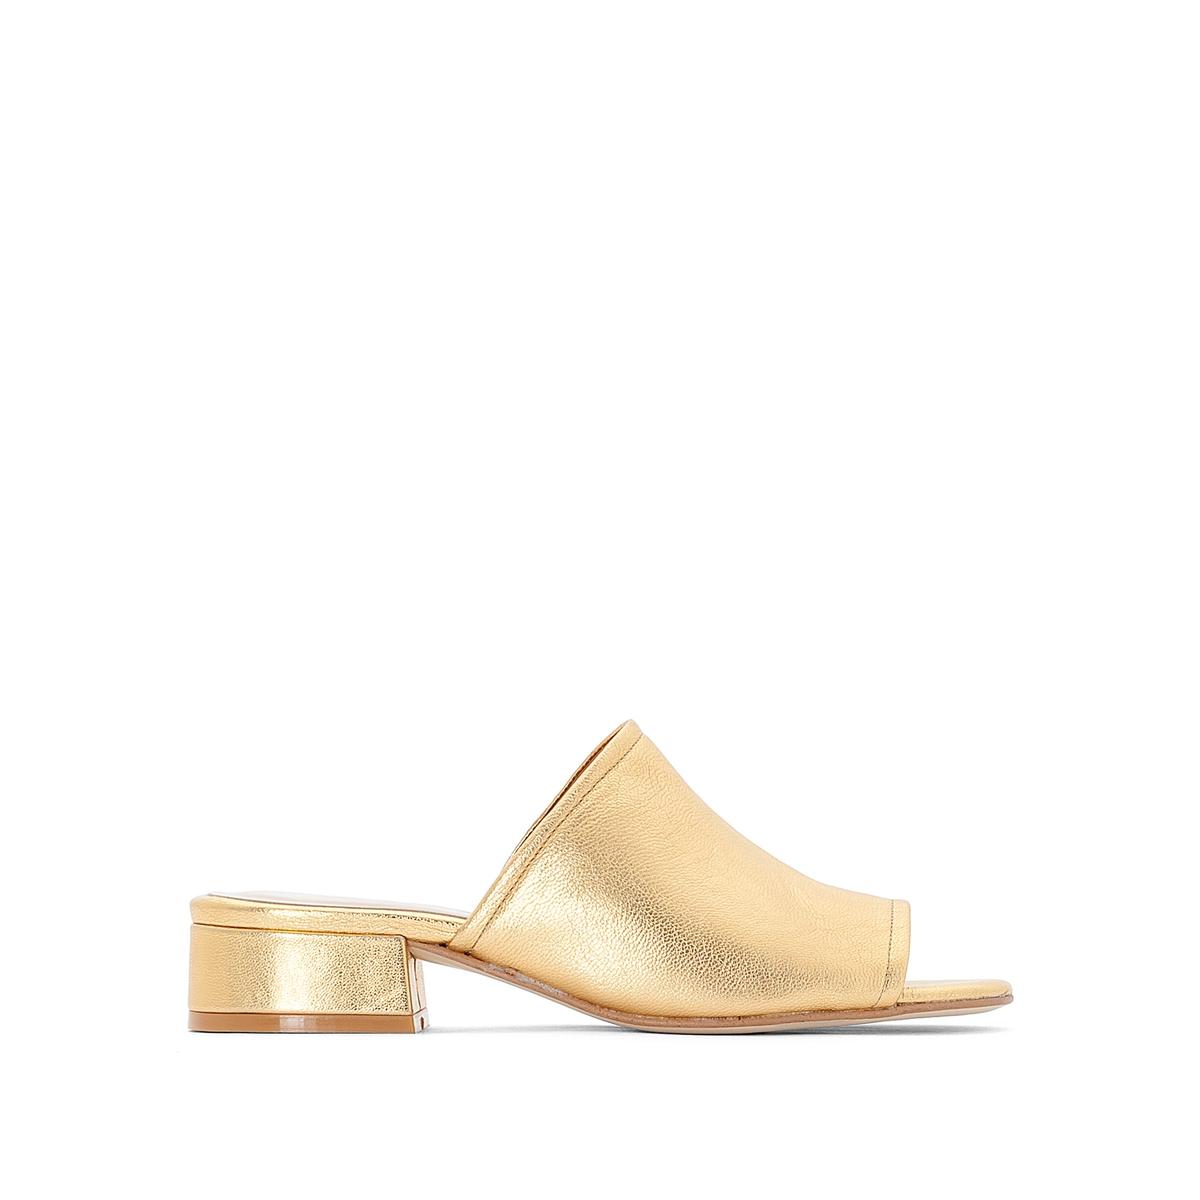 Туфли без задника кожаные Daeva